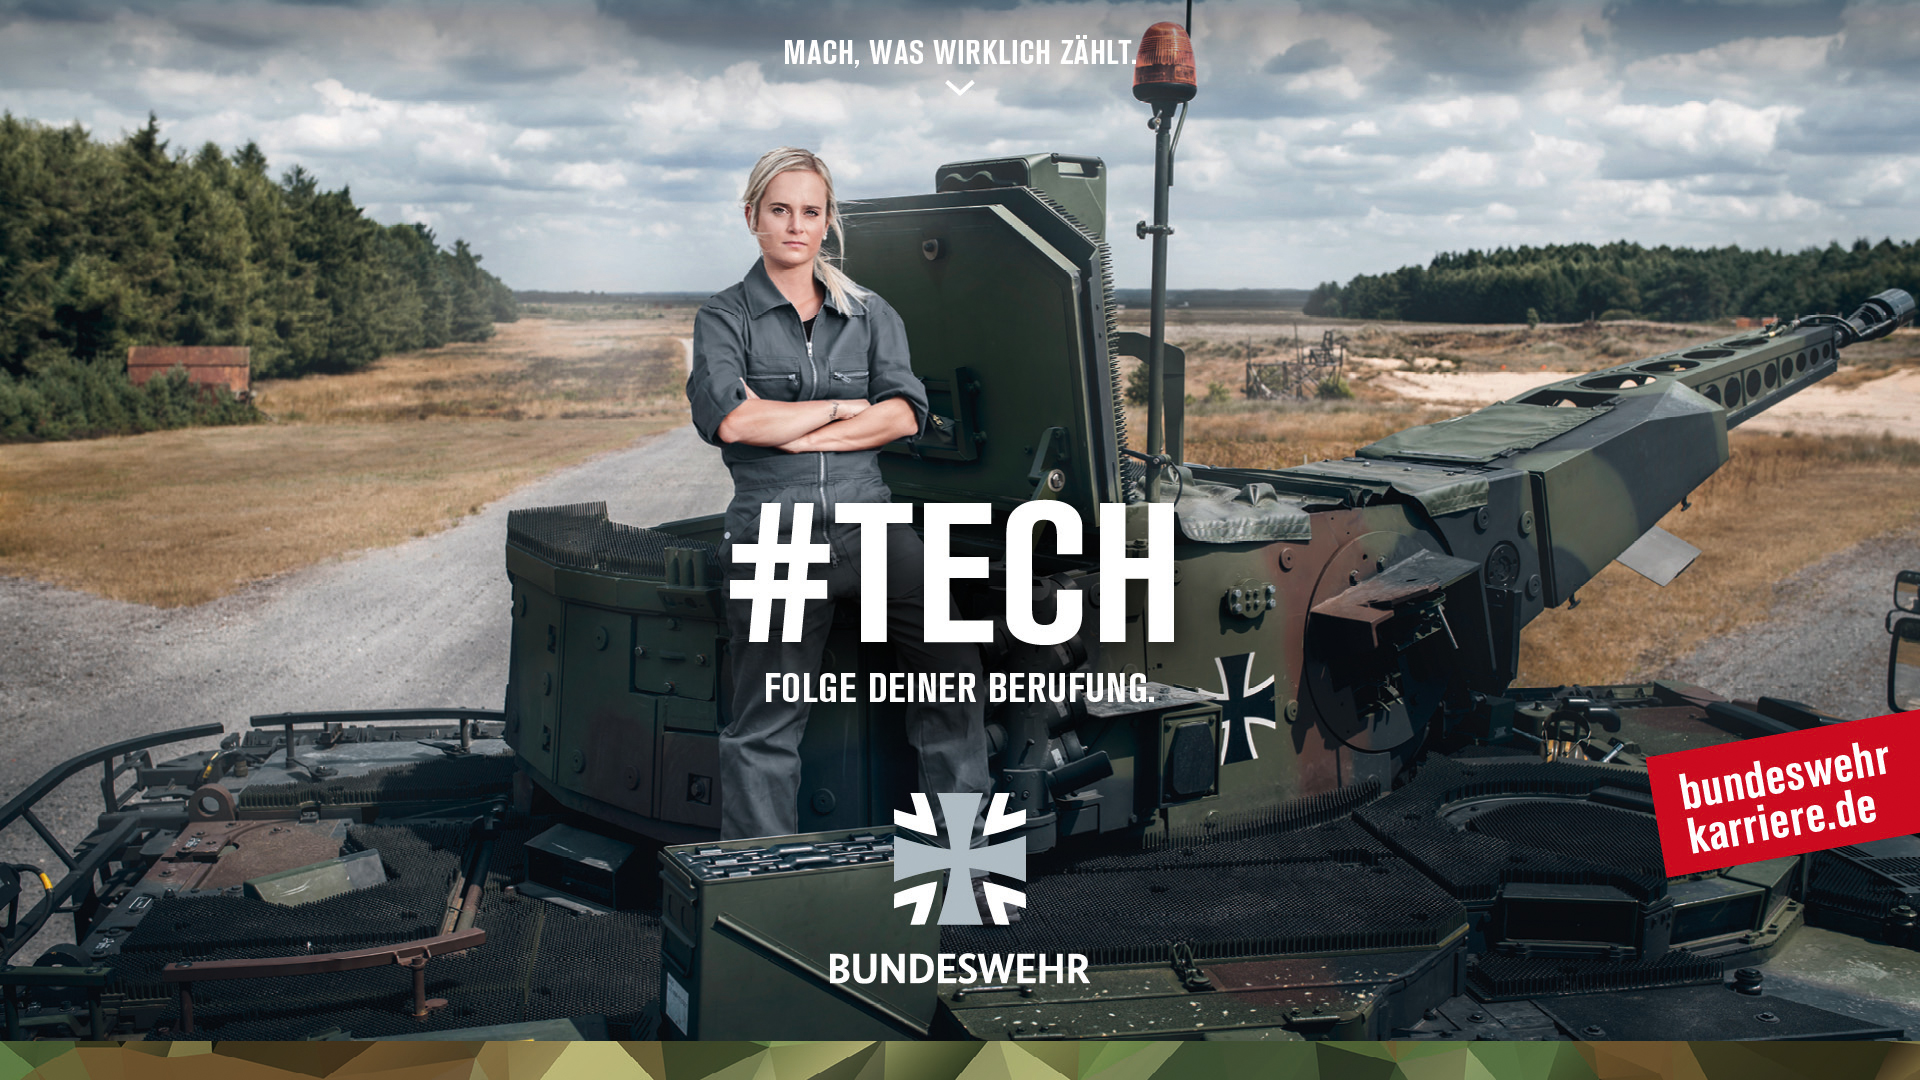 BW_Berufekampagne_16_9_3.jpg – Karriereberatungsbüro der Bundeswehr Aurich